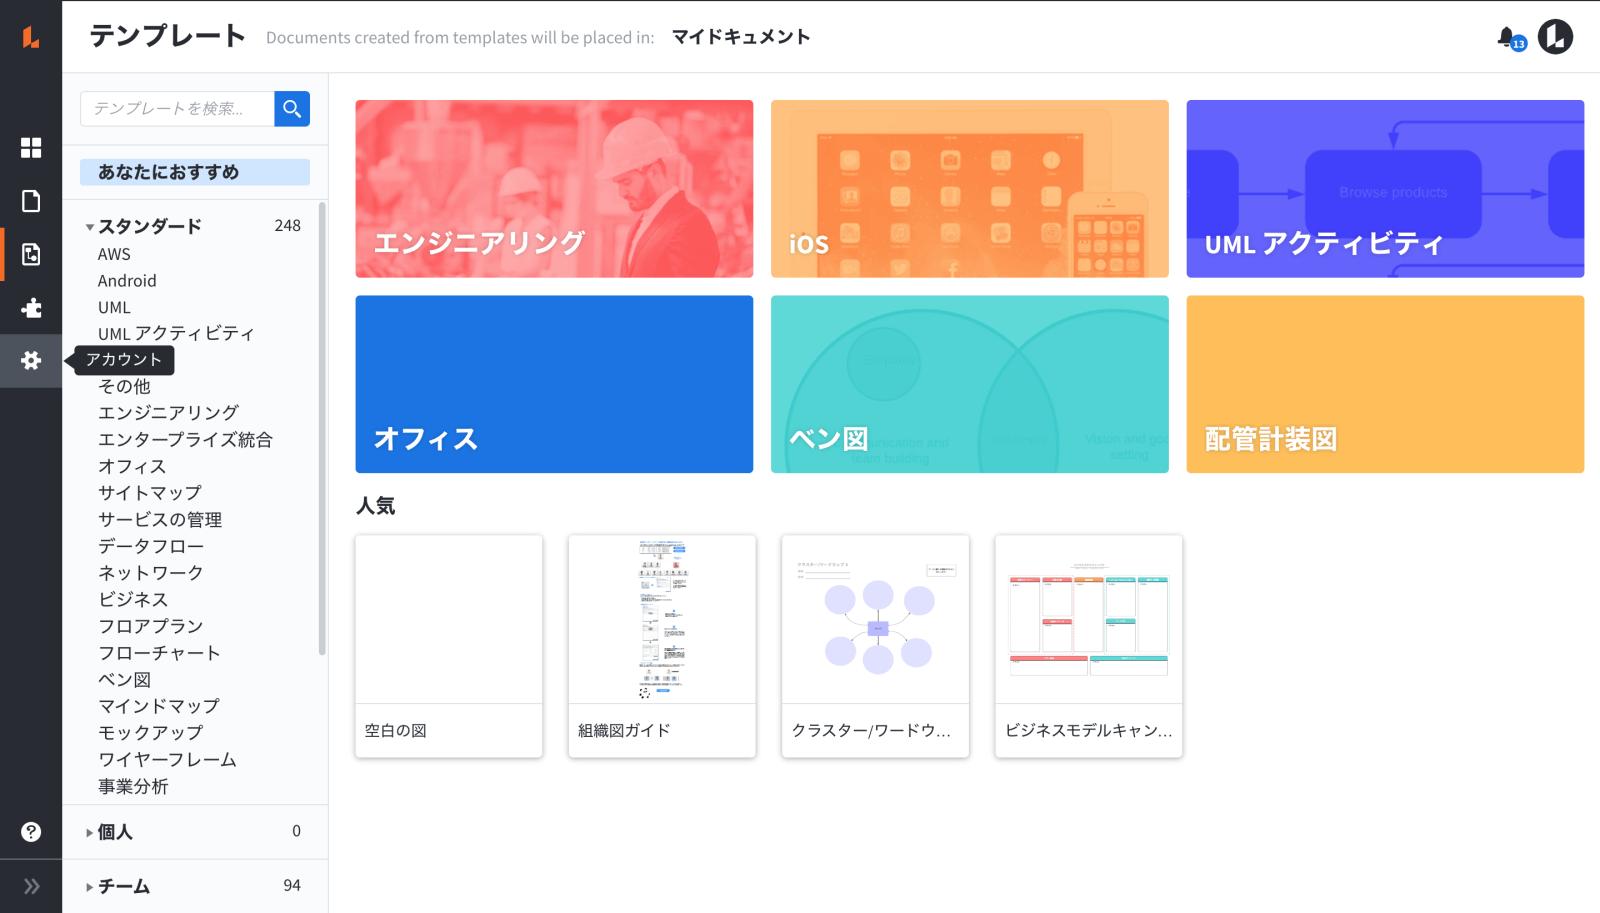 ユーザー思考を中心とした特性要因図(フィッシュボーン)フリーソフト